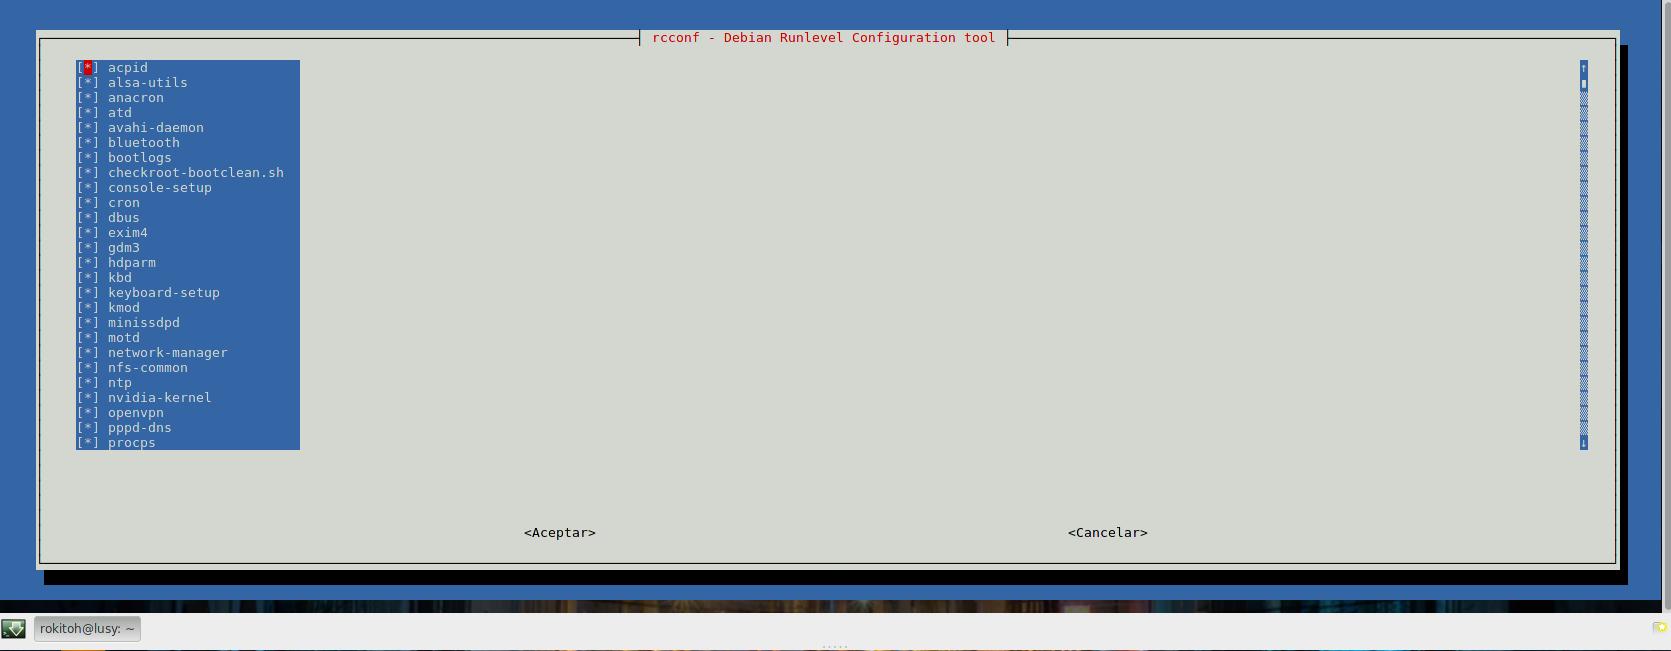 Captura de pantalla de 2014-02-17 13:51:48